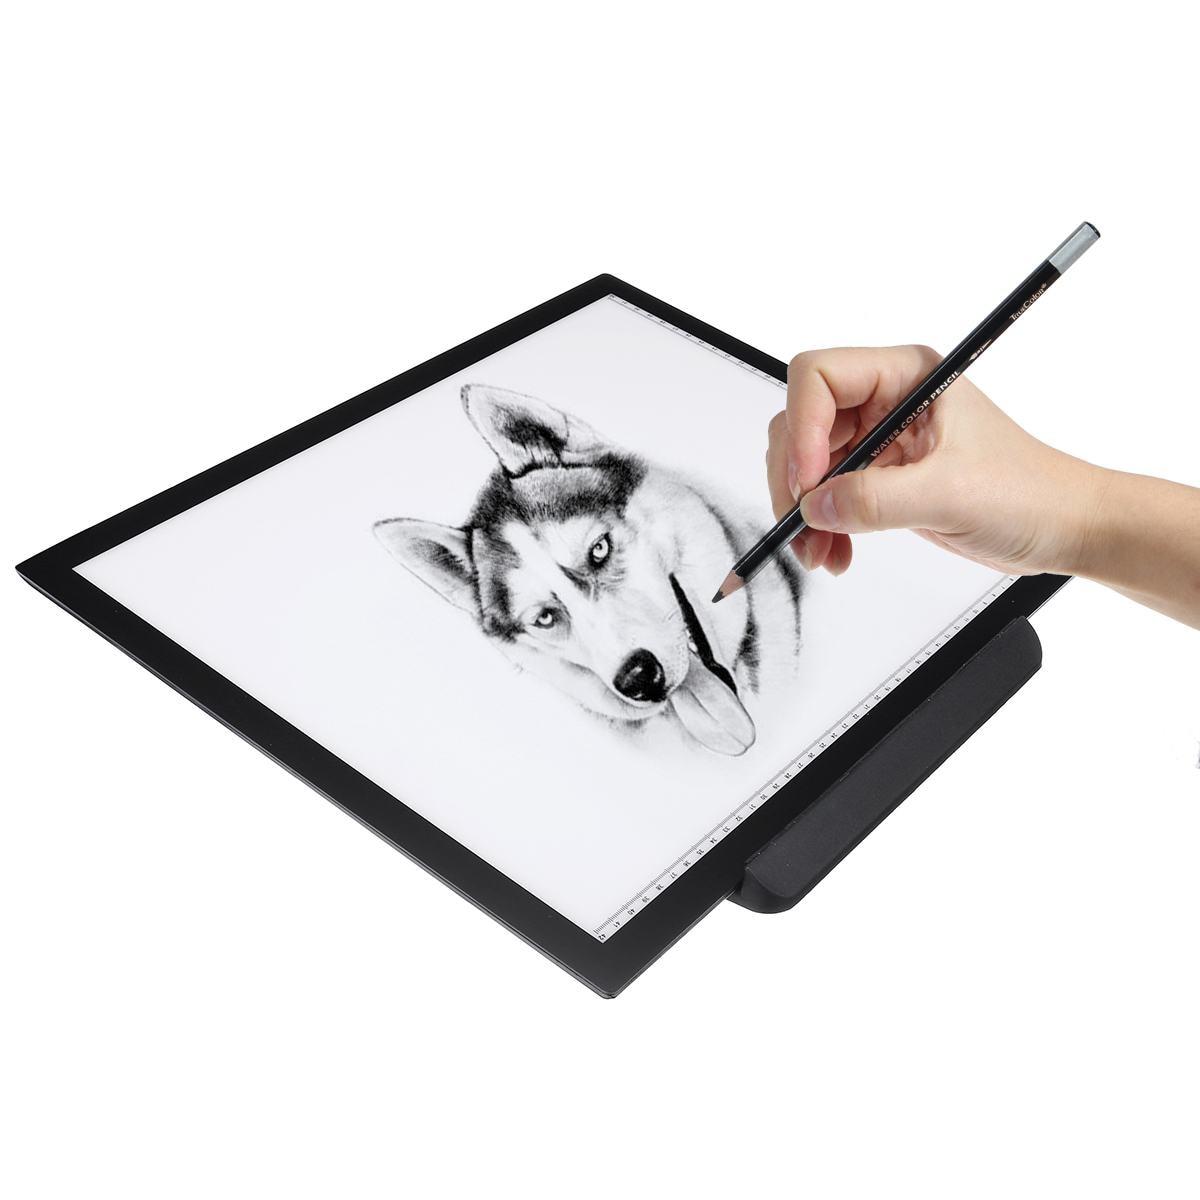 Panel de luz LED Ultra delgado A3, tablero de luz de trazado para dibujar y Copiar para suministros de pintura de diamantes